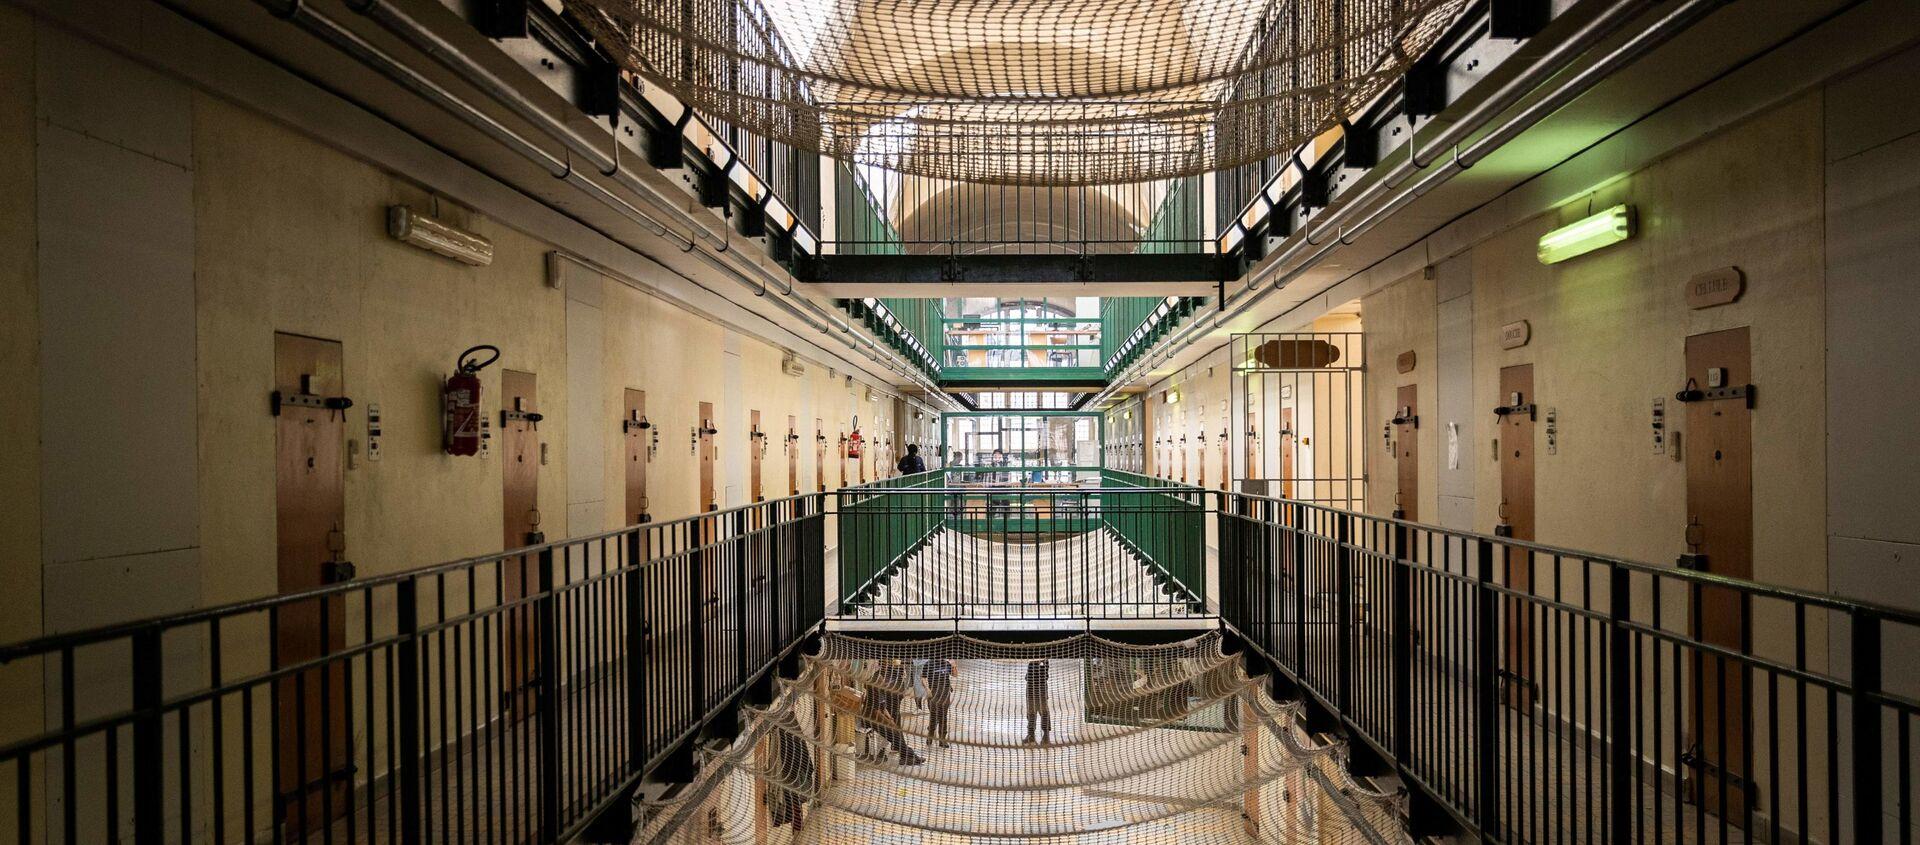 La prison de Fresnes, en Île-de-France - Sputnik France, 1920, 04.02.2021